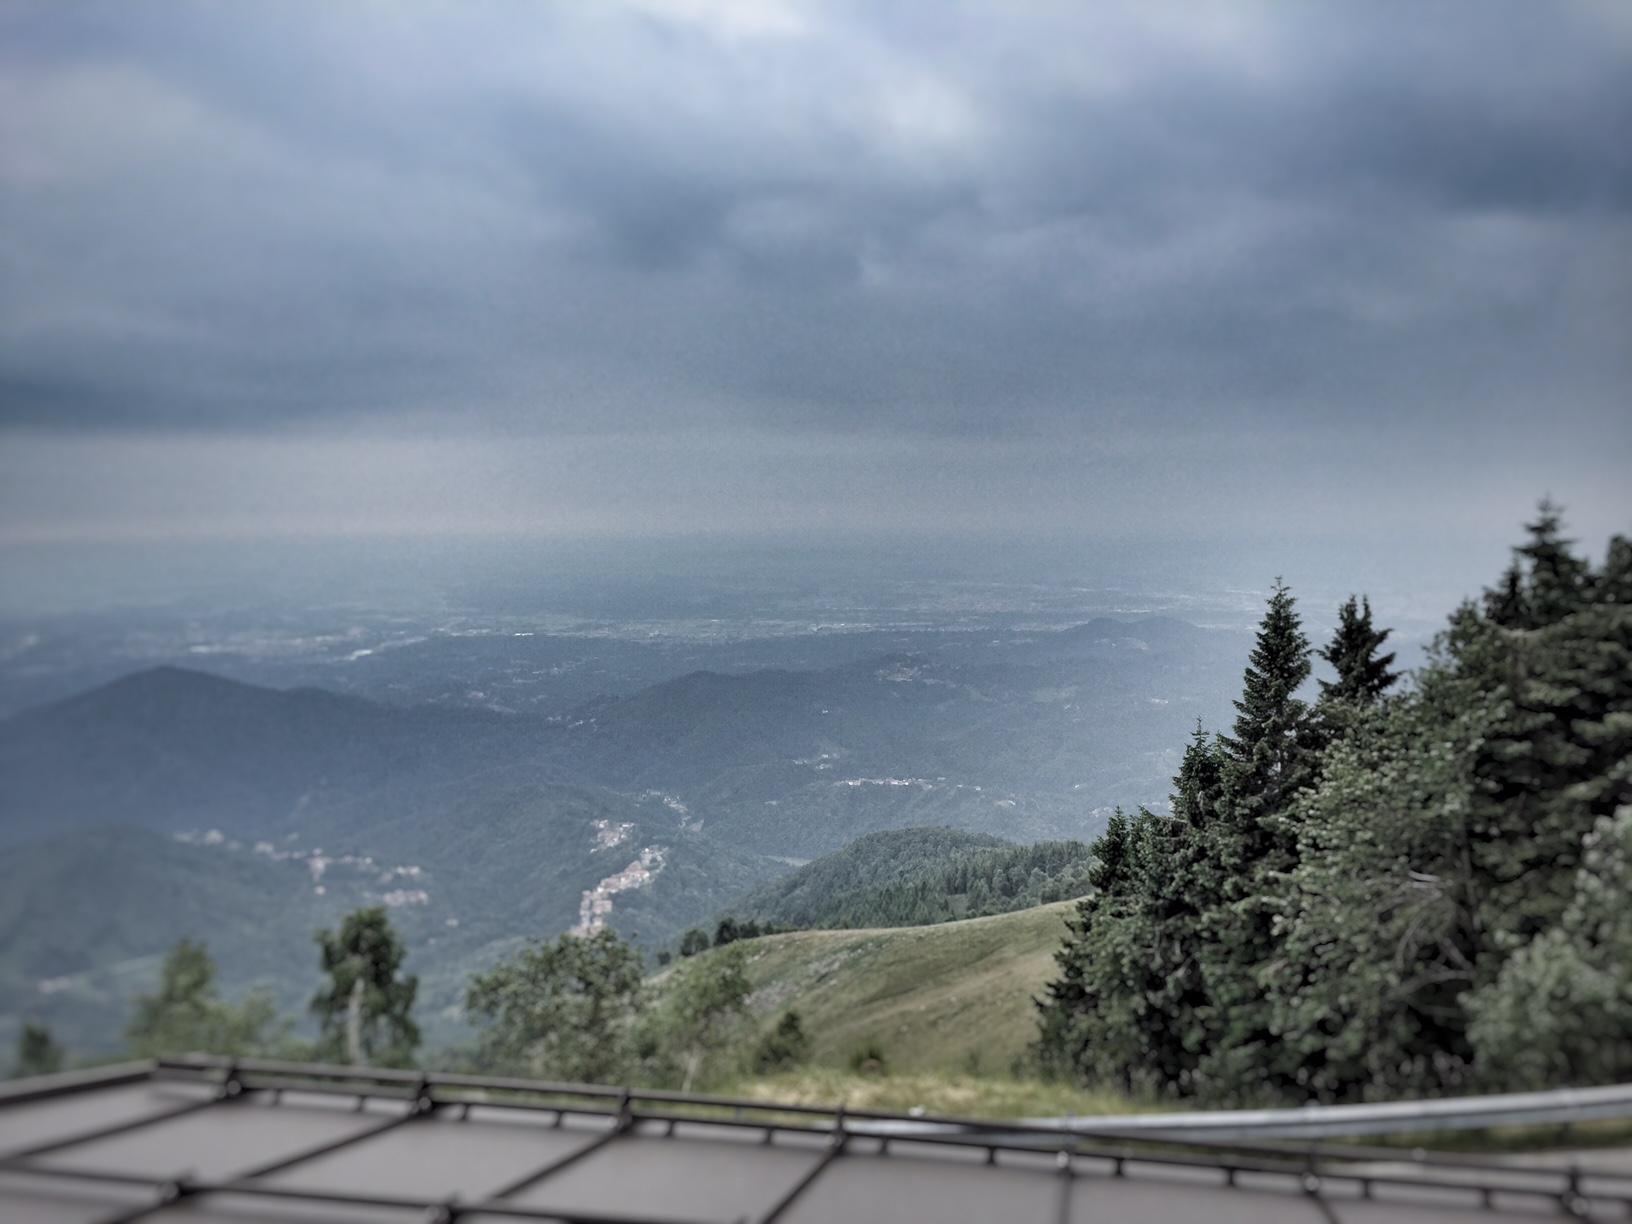 Schwarzwald? Von wegen: das ist das nördliche Piemont.